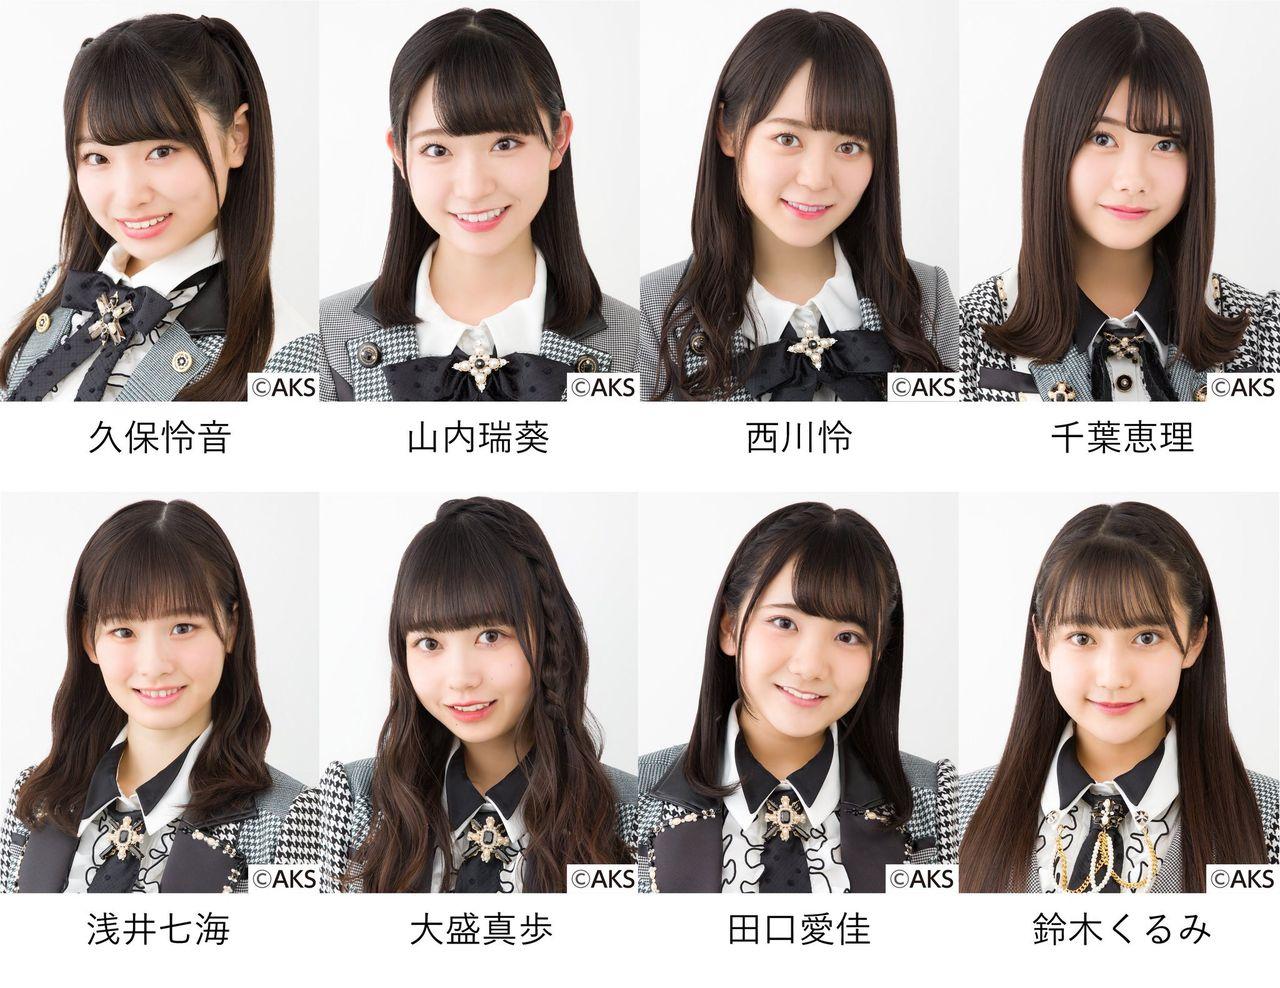 【速報】鹿島スタジアムLIVE AKB48 出演メンバー 決定!!